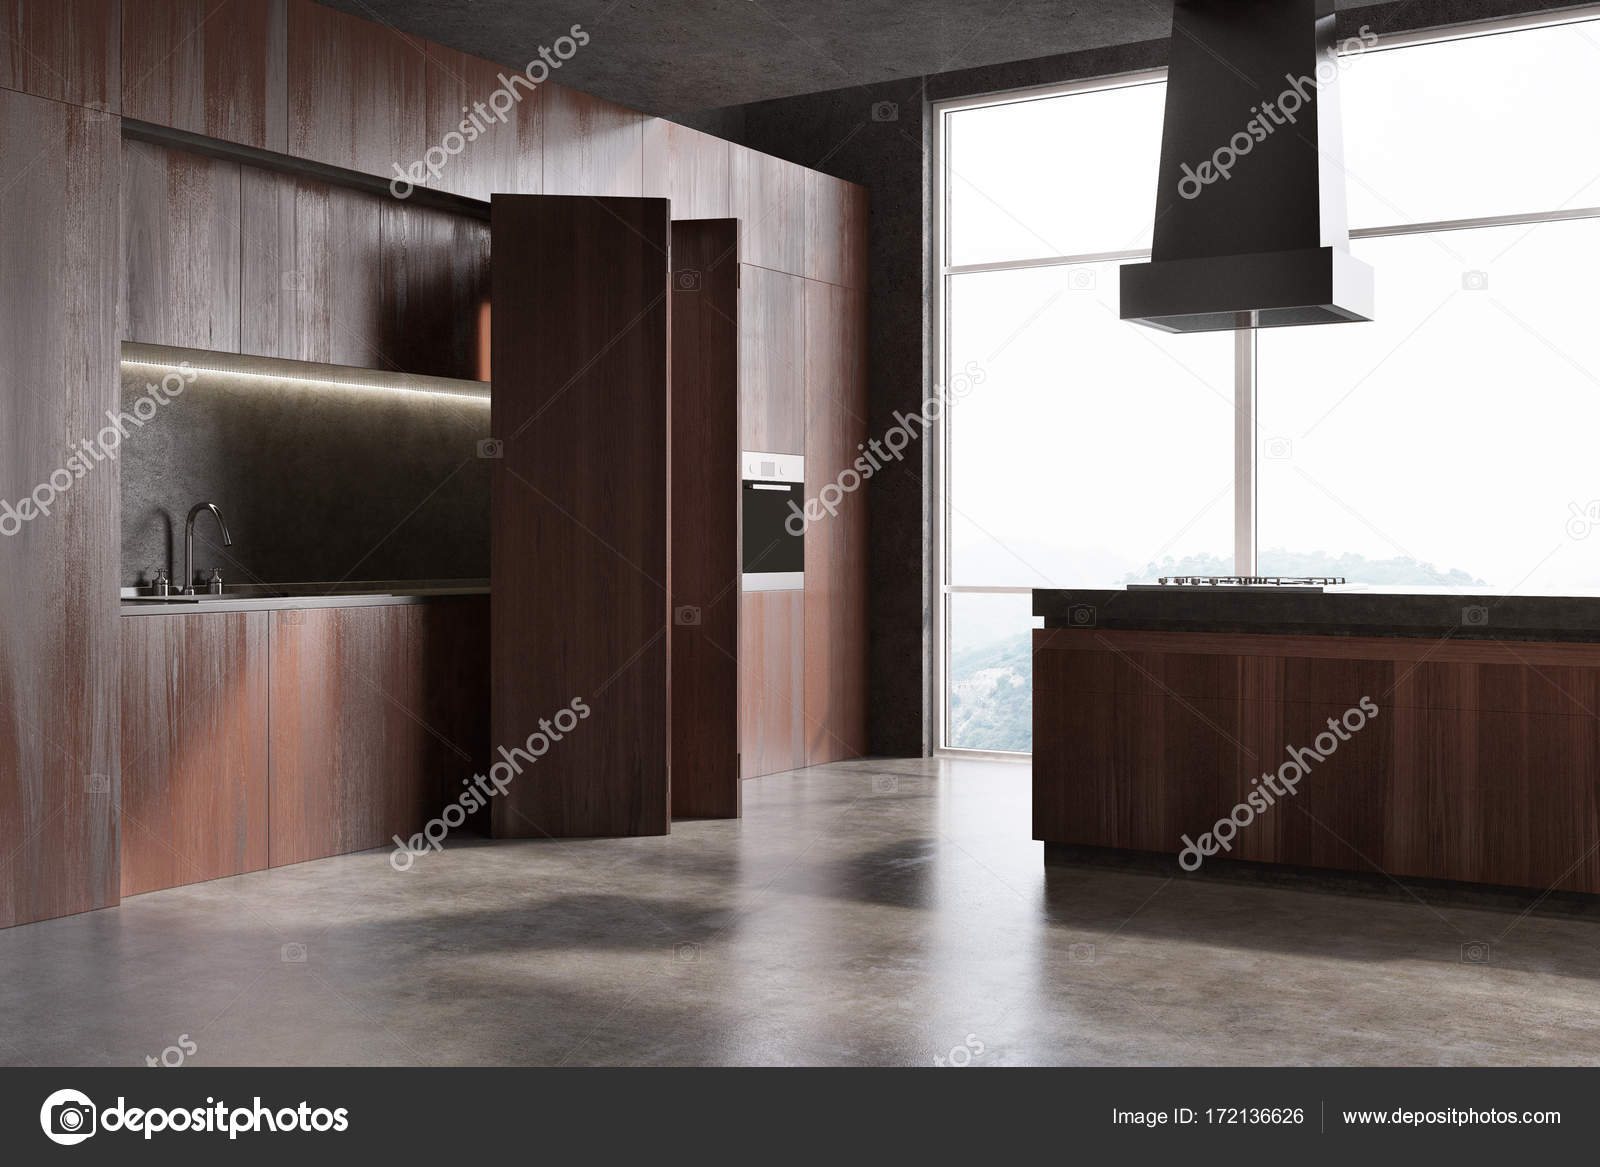 Angle Intérieur De Cuisine Moderne Se Bouchent Avec Un Plancher De Béton Et  Des Armoires En Bois Rouges Avec Un évier Et Un Four Intégré.